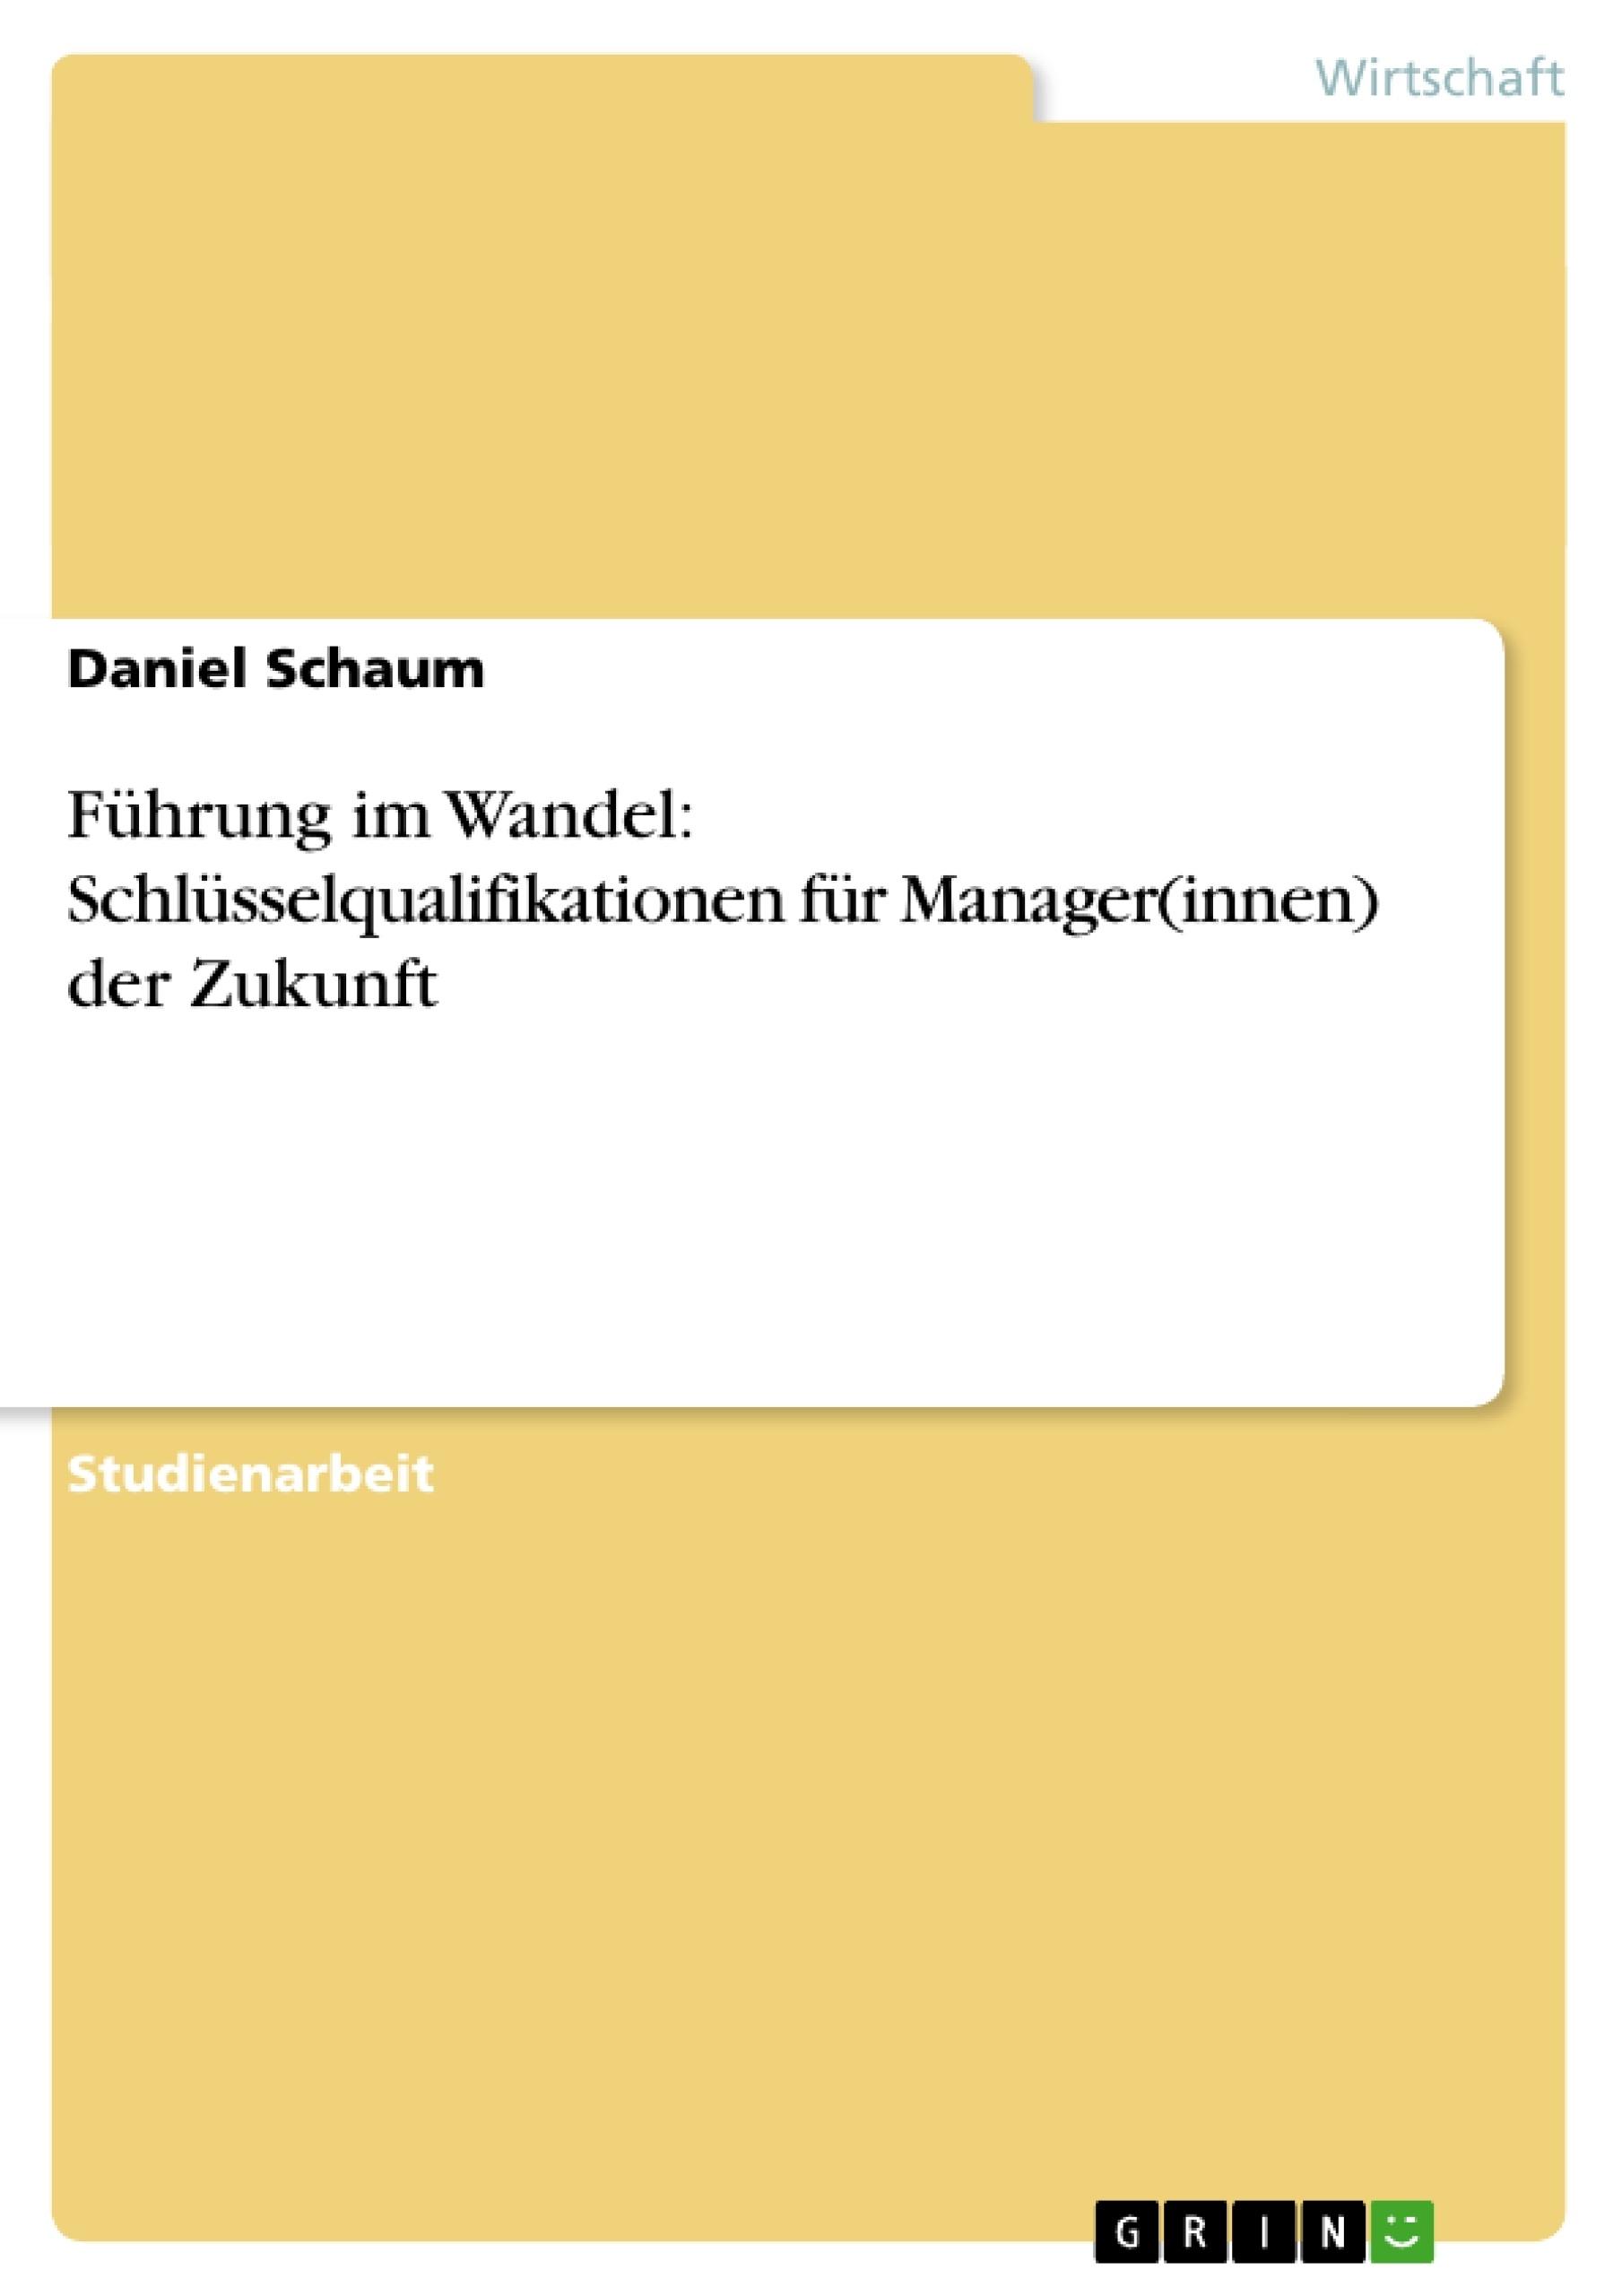 Titel: Führung im Wandel: Schlüsselqualifikationen für Manager(innen) der Zukunft